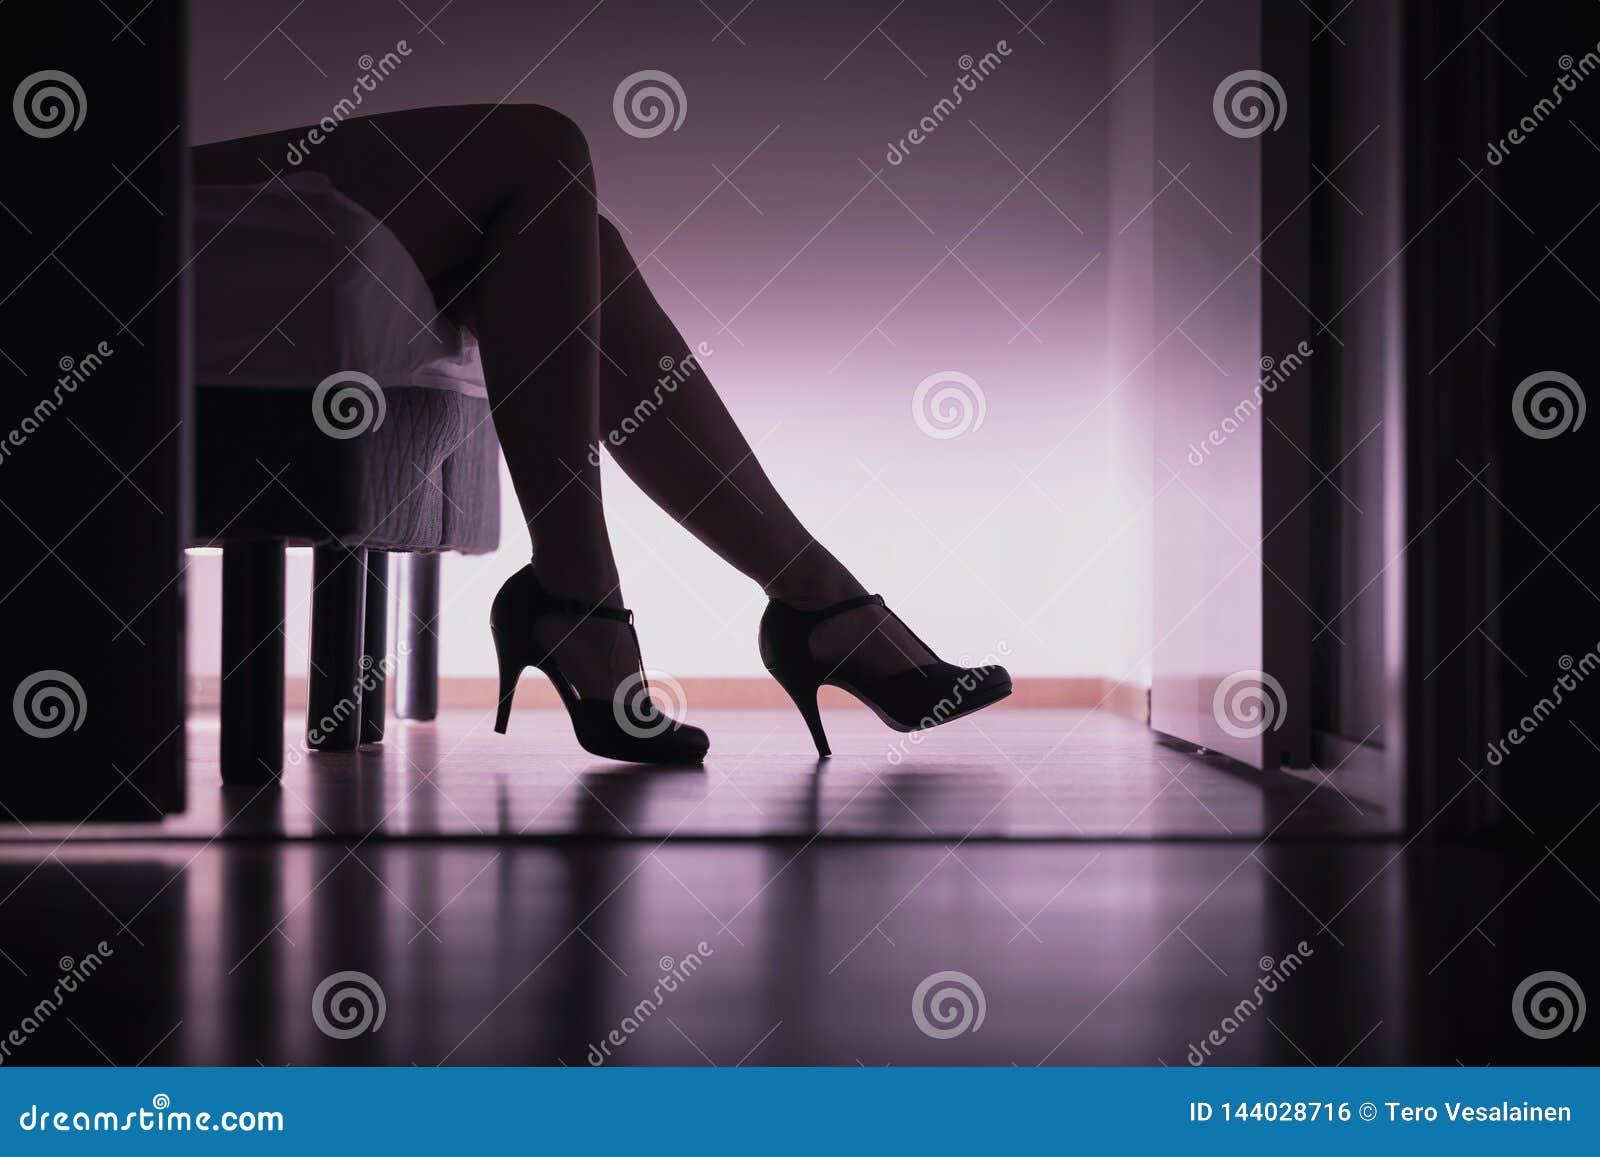 Escorte, prostituee of suiker die babe op bed met lange benen en sexy hoge hielen liggen Prostitutie, het geslachtswerk of suiker